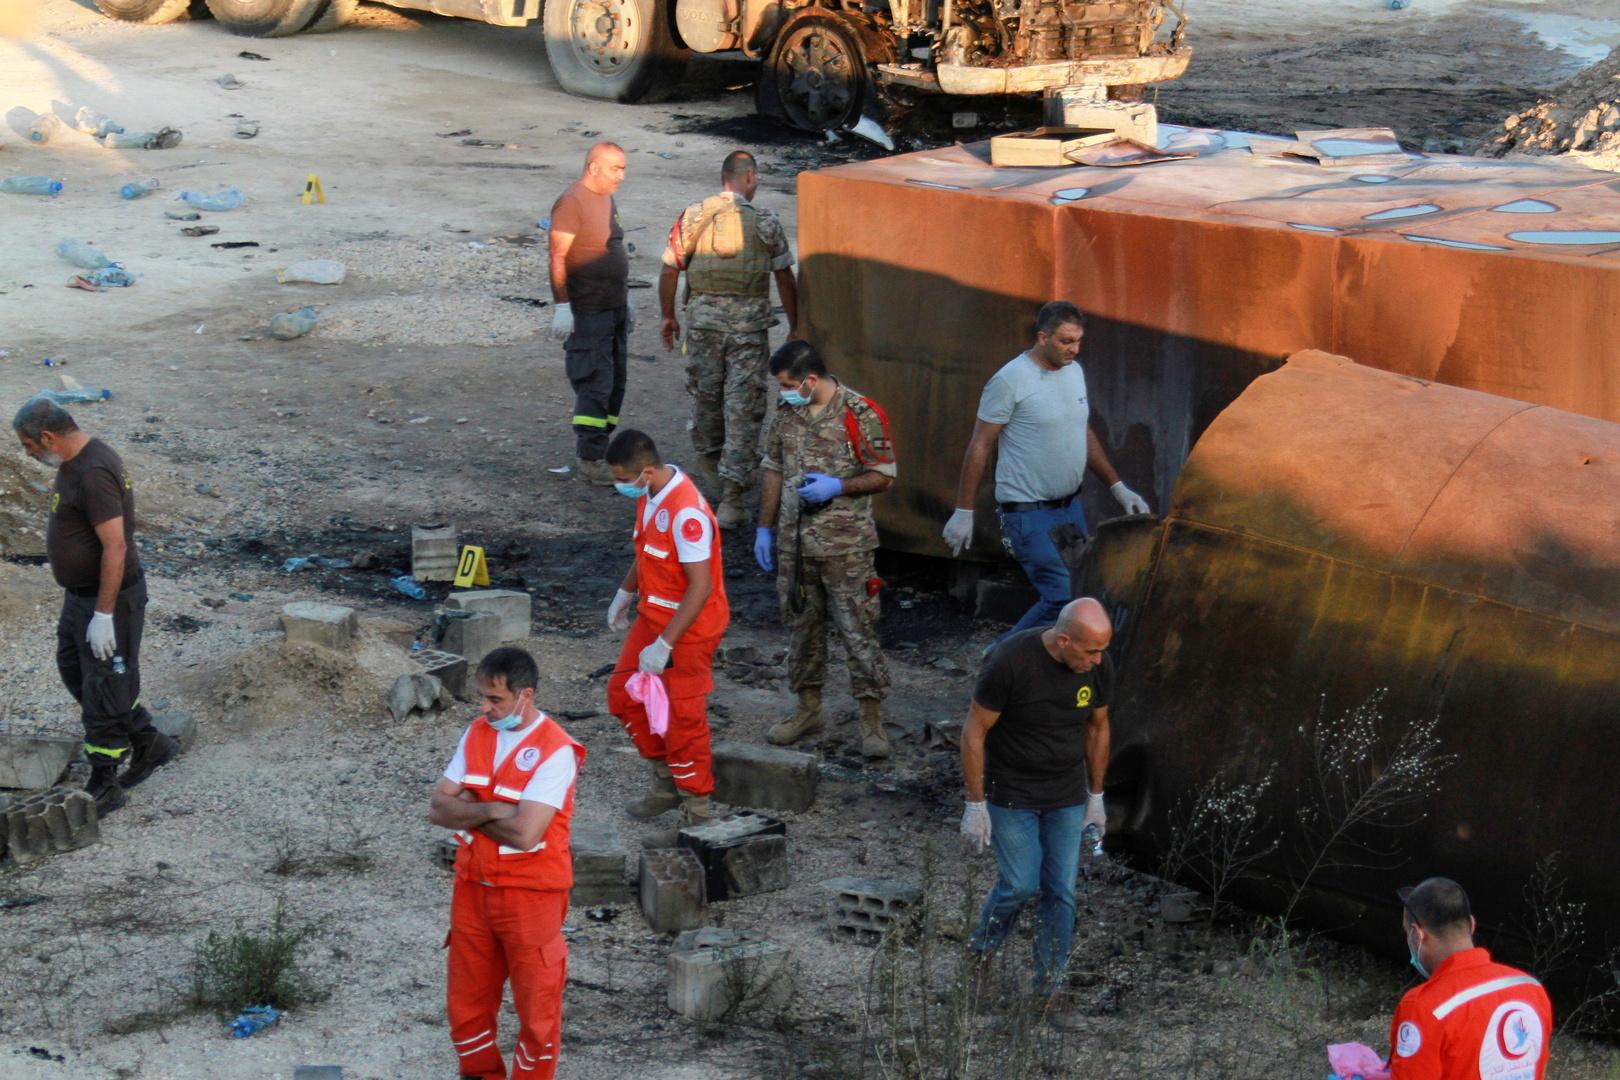 بعد انفجار الوقود المخزن.. غضب في عكار شمال لبنان وإحراق شاحنات